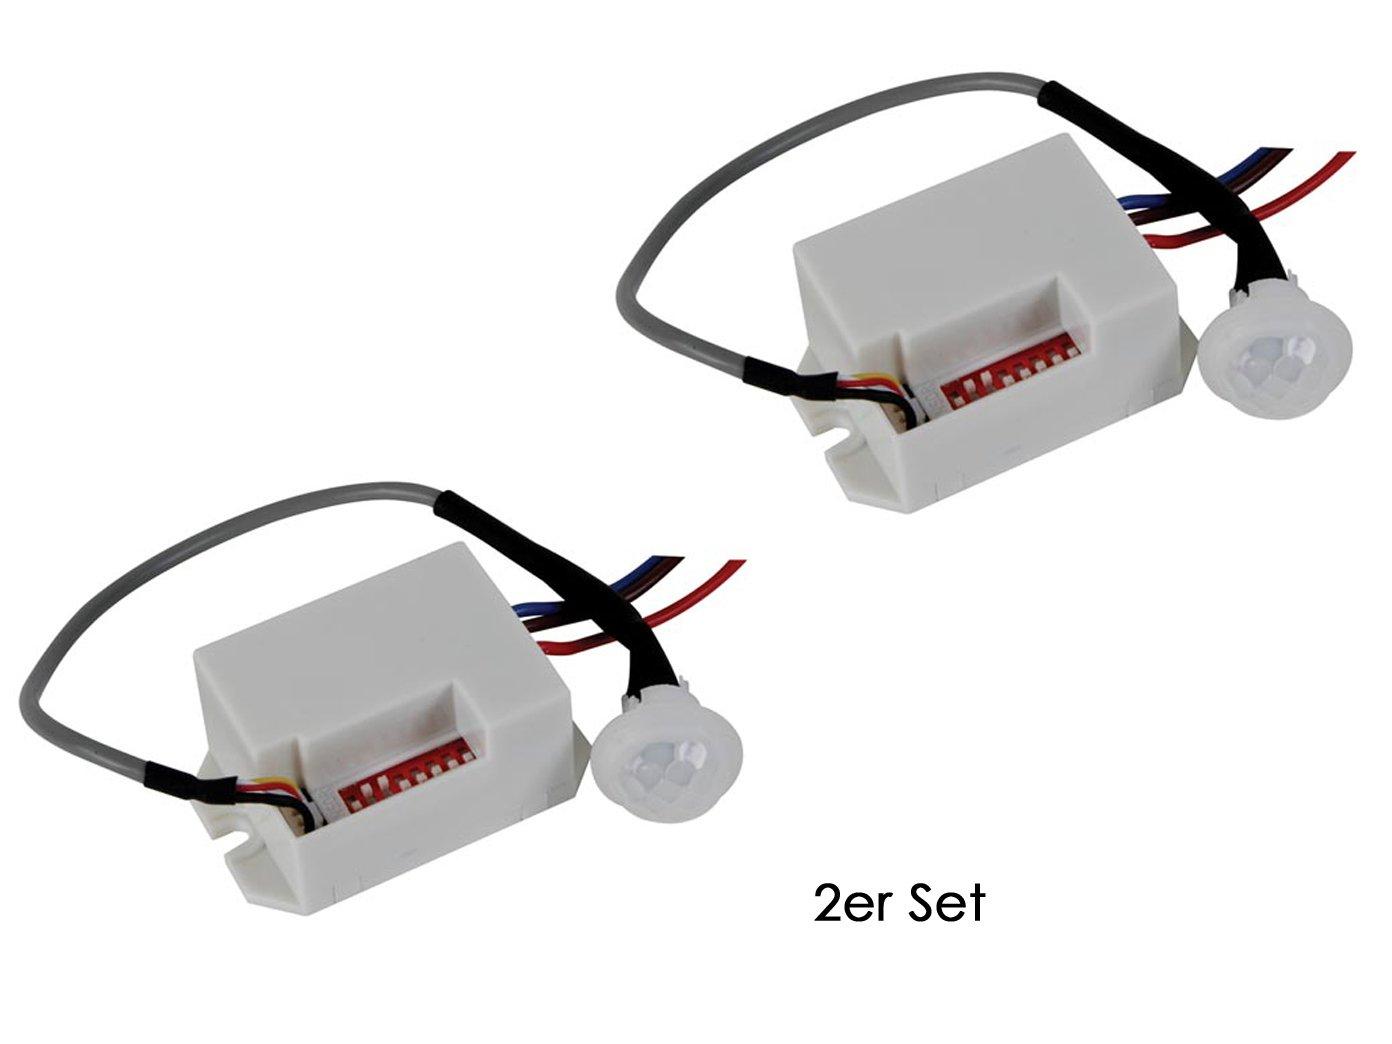 Juego de 2 mini Detector de movimiento PIR, para completar), 100 °/8 M, intervalo de tiempo elegir - 12 VDC: Amazon.es: Bricolaje y herramientas